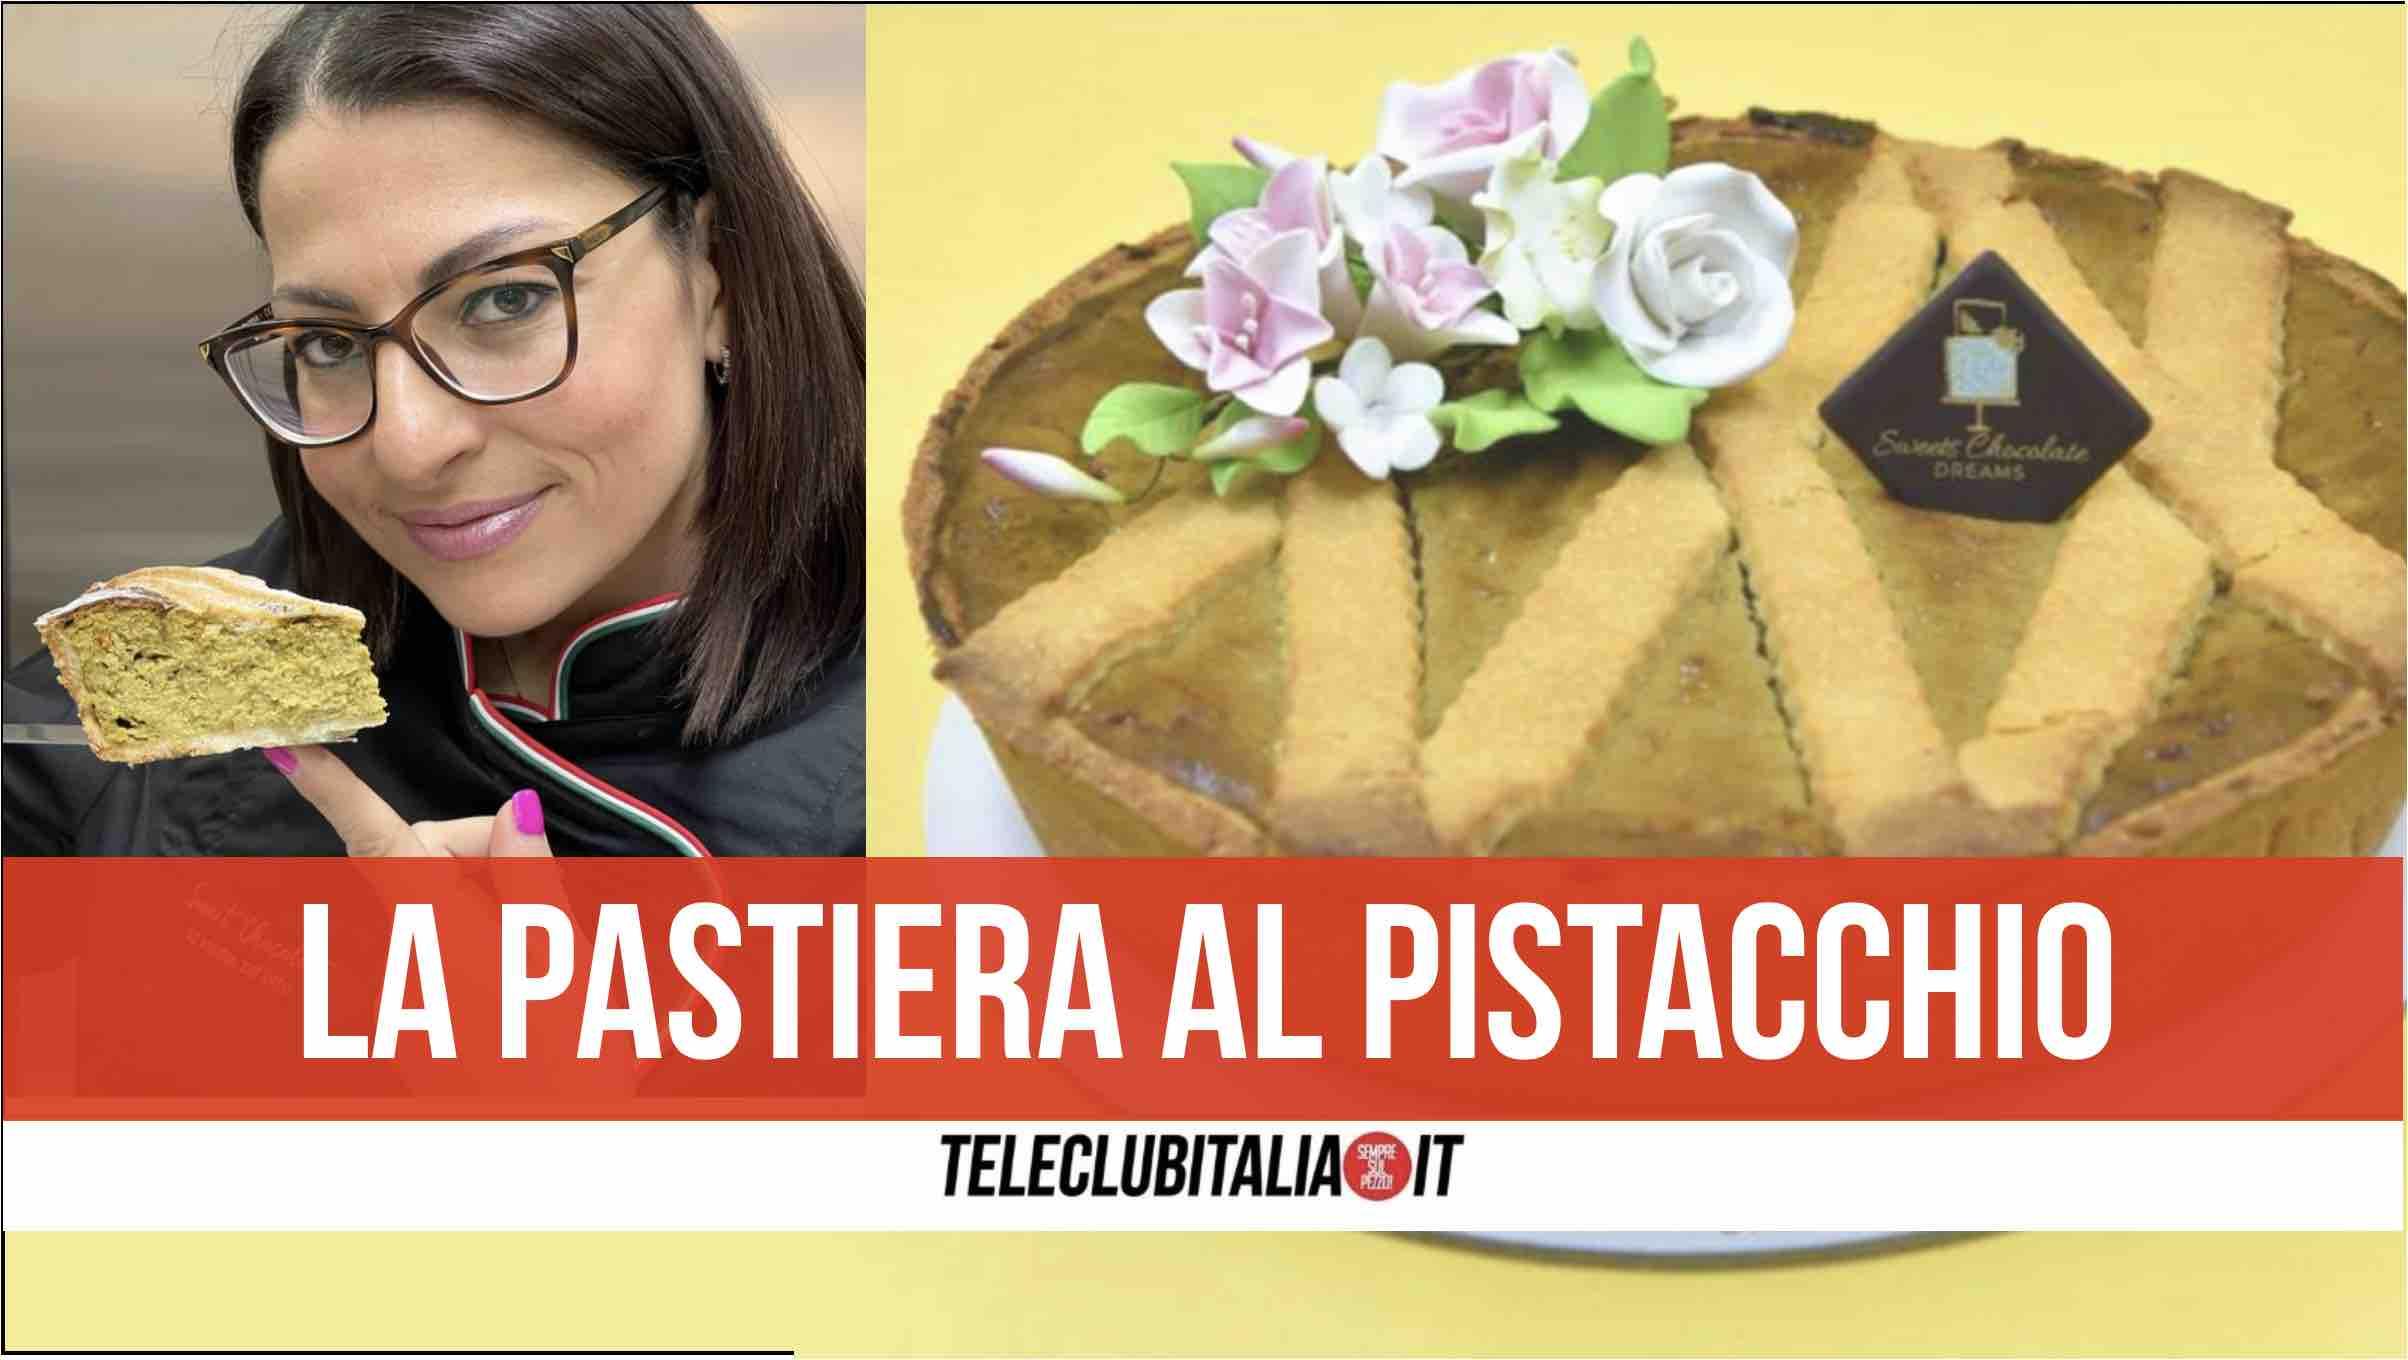 pastiera pistacchio sweet chocolate giugliano maria de vito pastry chef pasqua